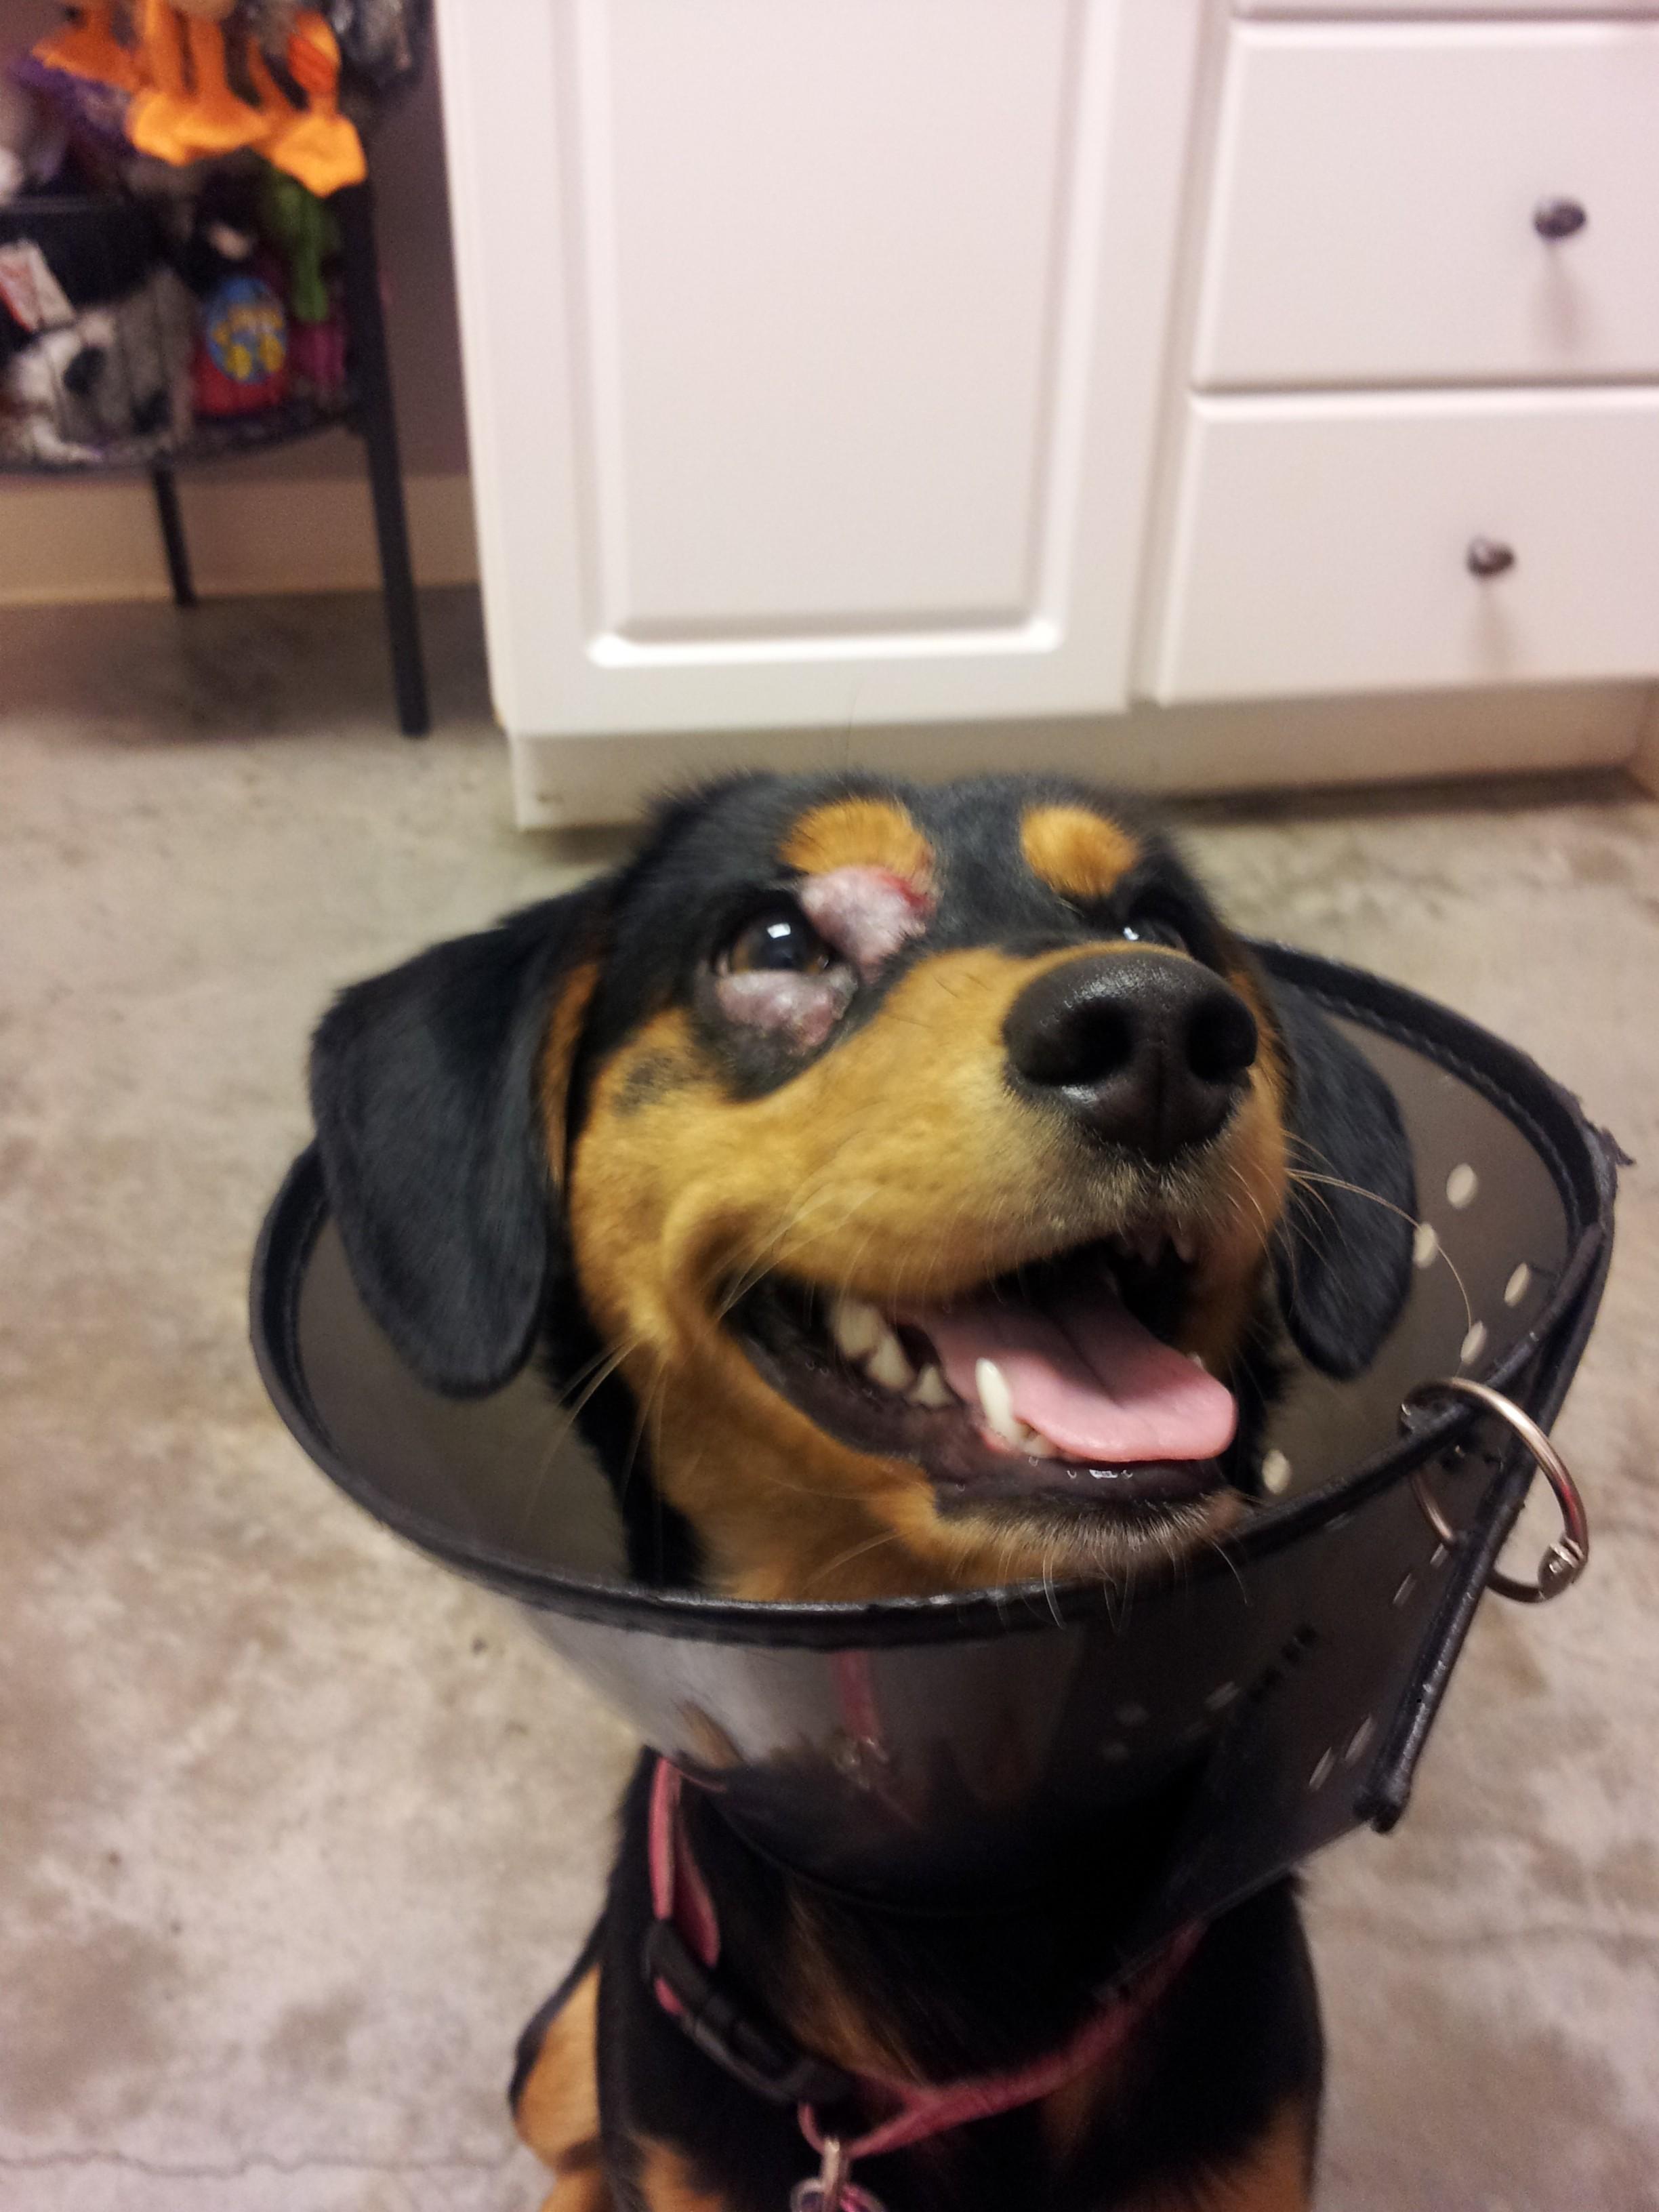 Molly at the vet, January 2014